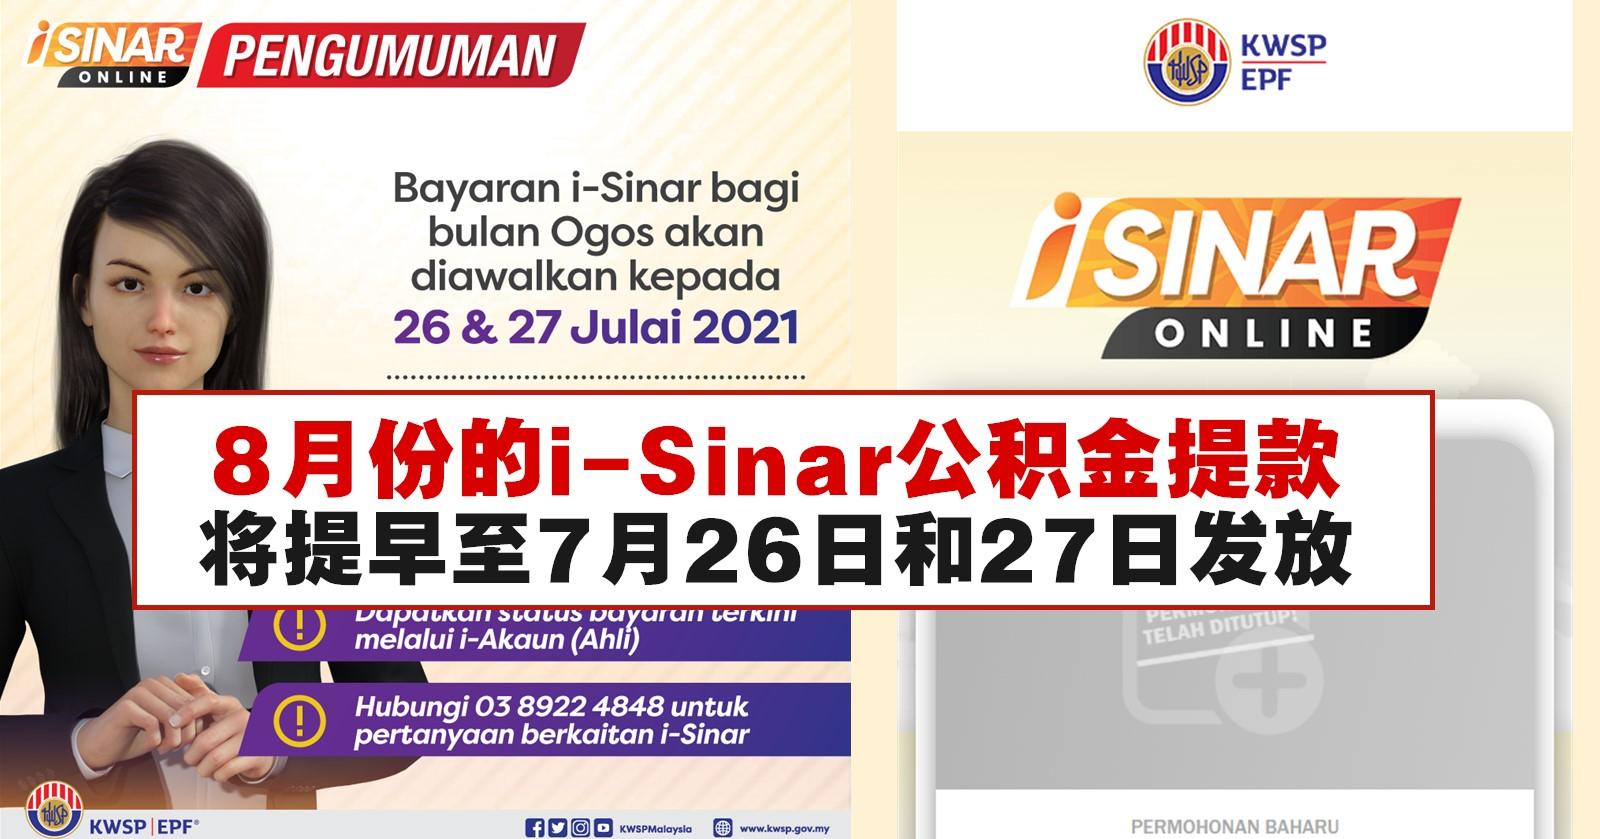 8月份的i-Sinar公积金提款将提早至7月26日和27日发放